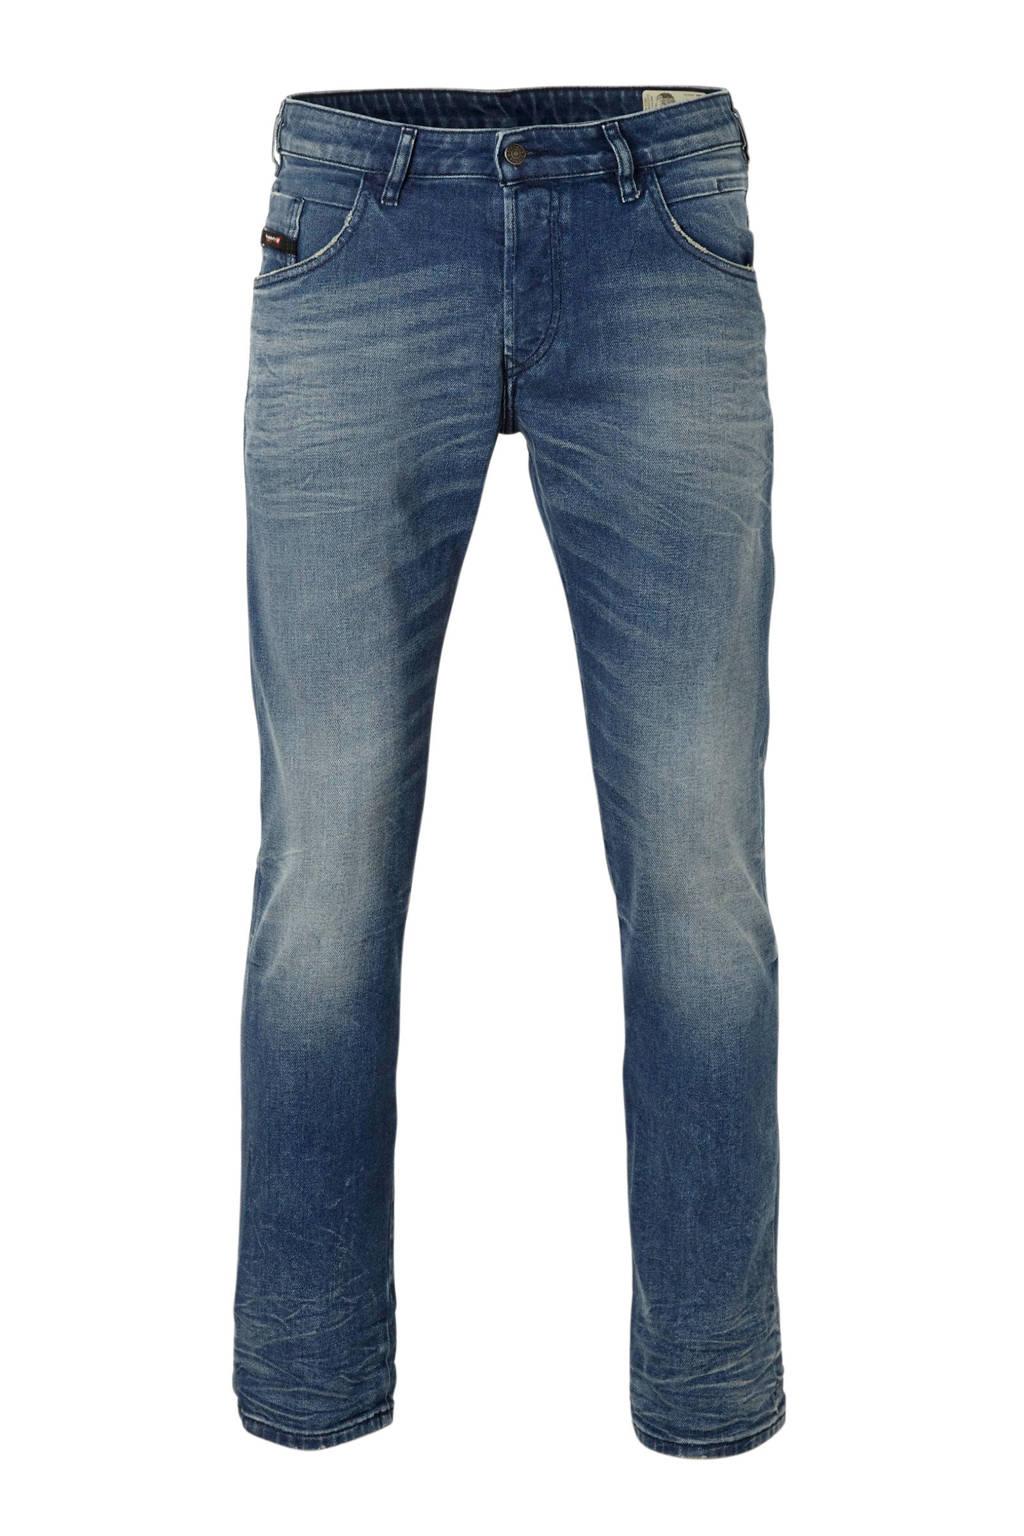 Diesel straight fit jeans D-BAZER 0090d, 0090D